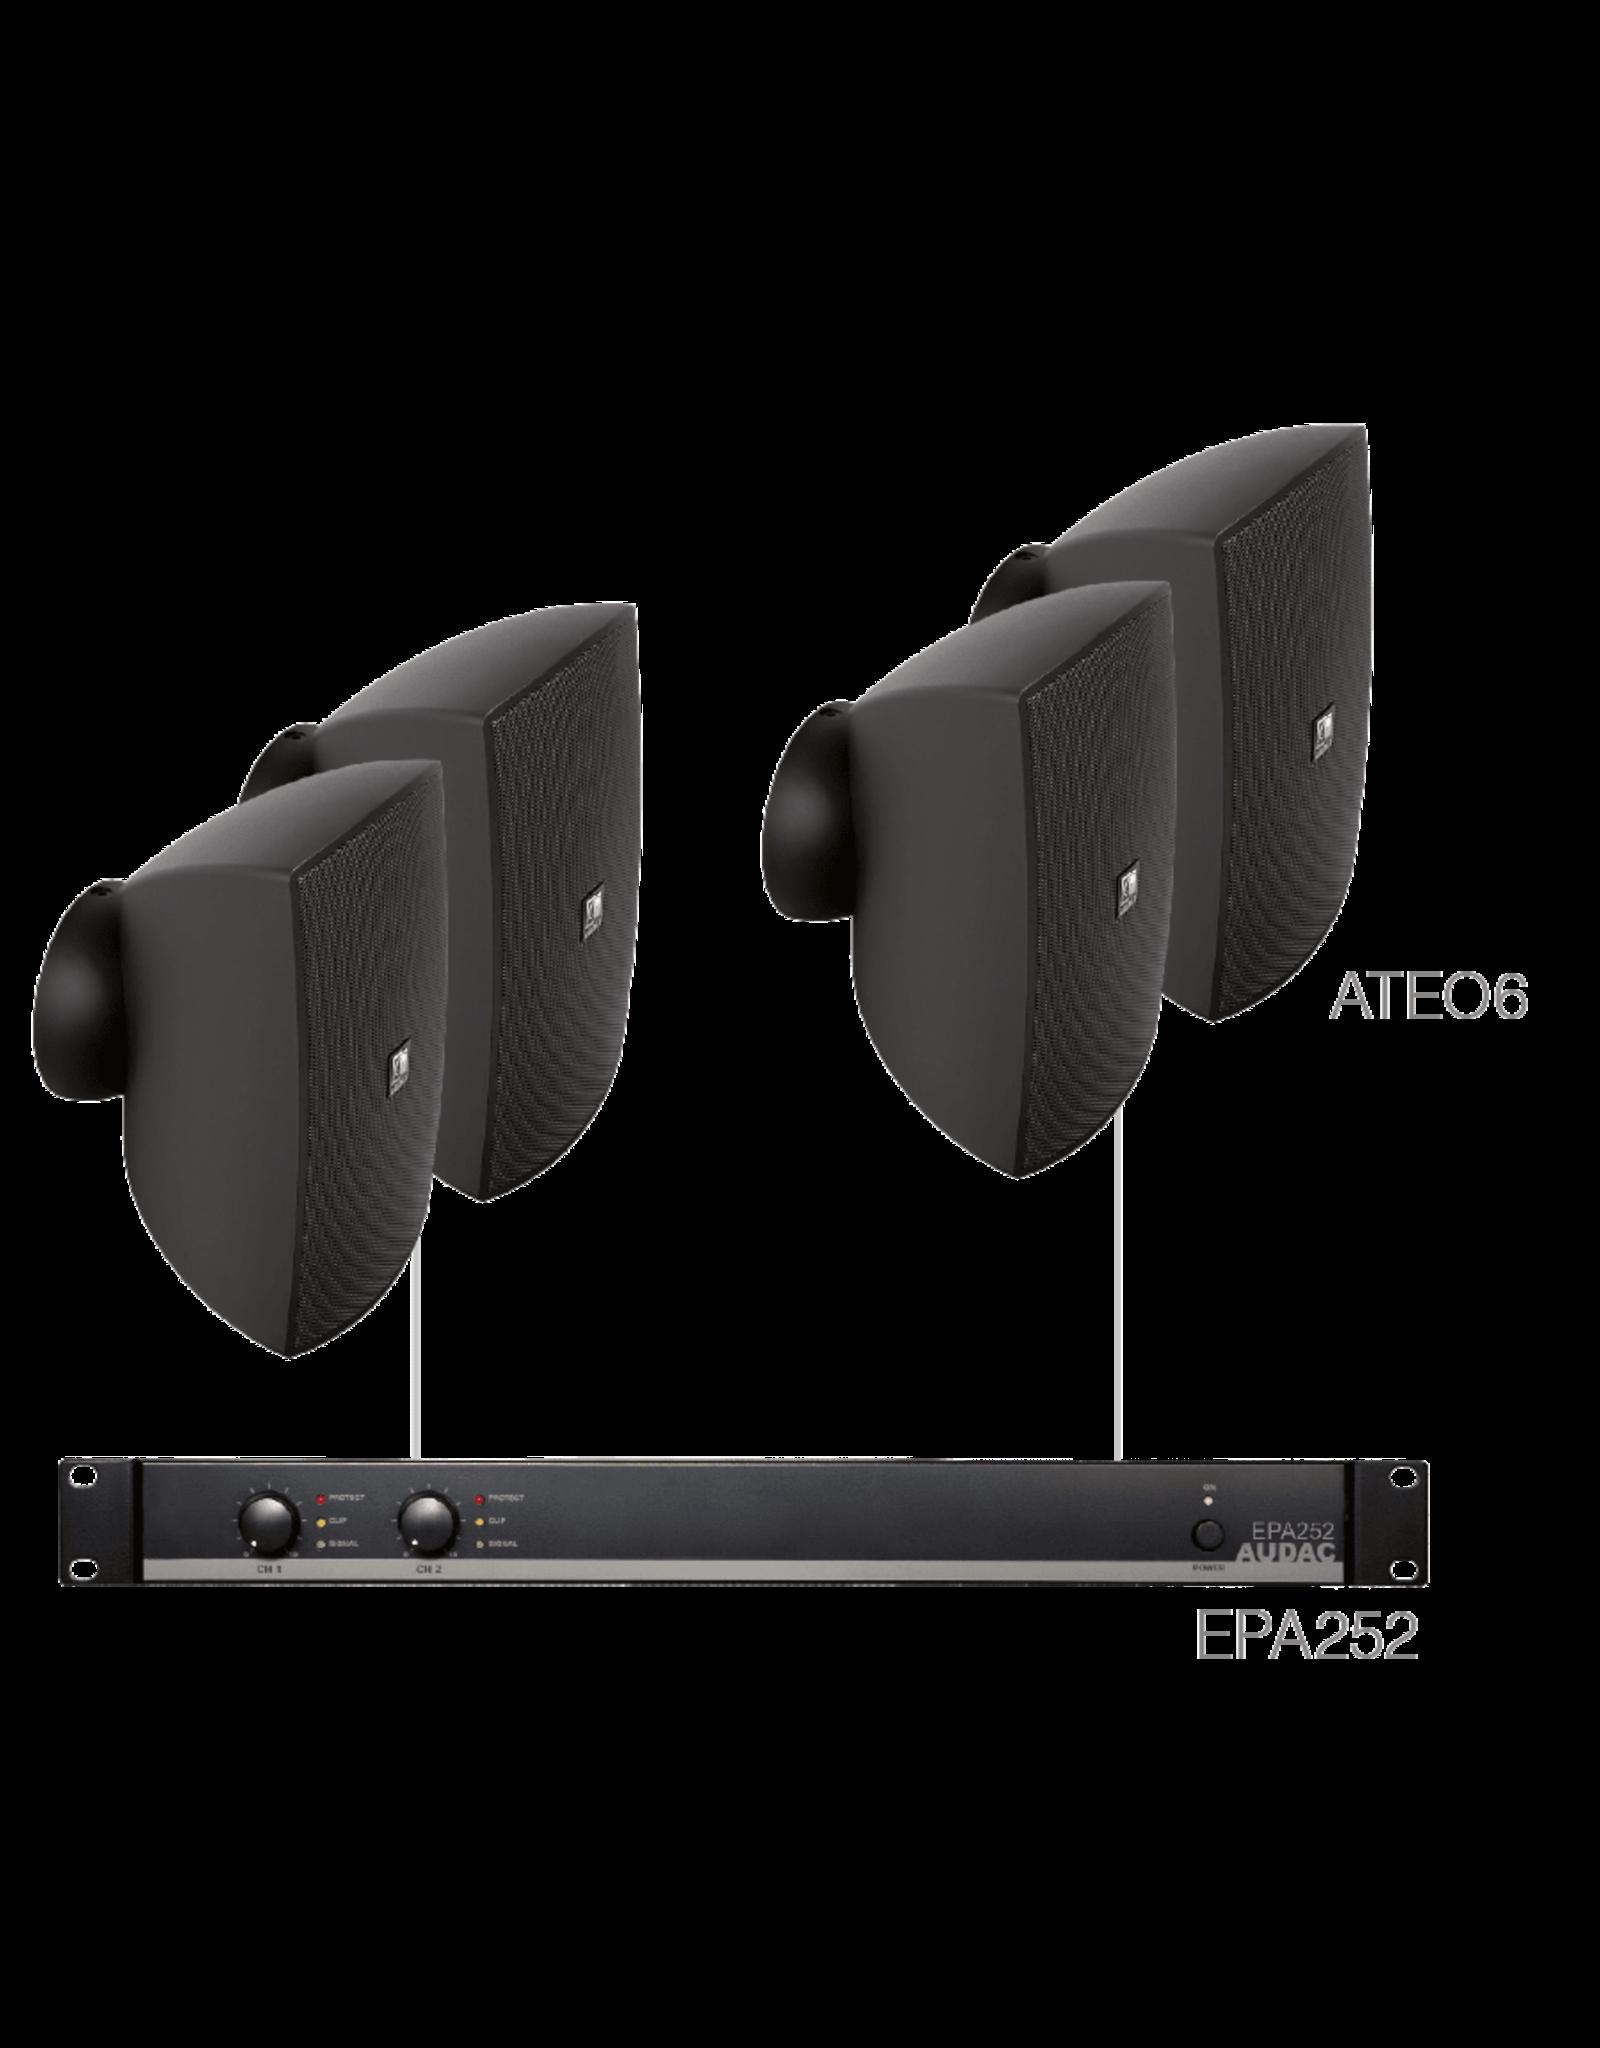 Audac 4 x ATEO6 + EPA252 Black